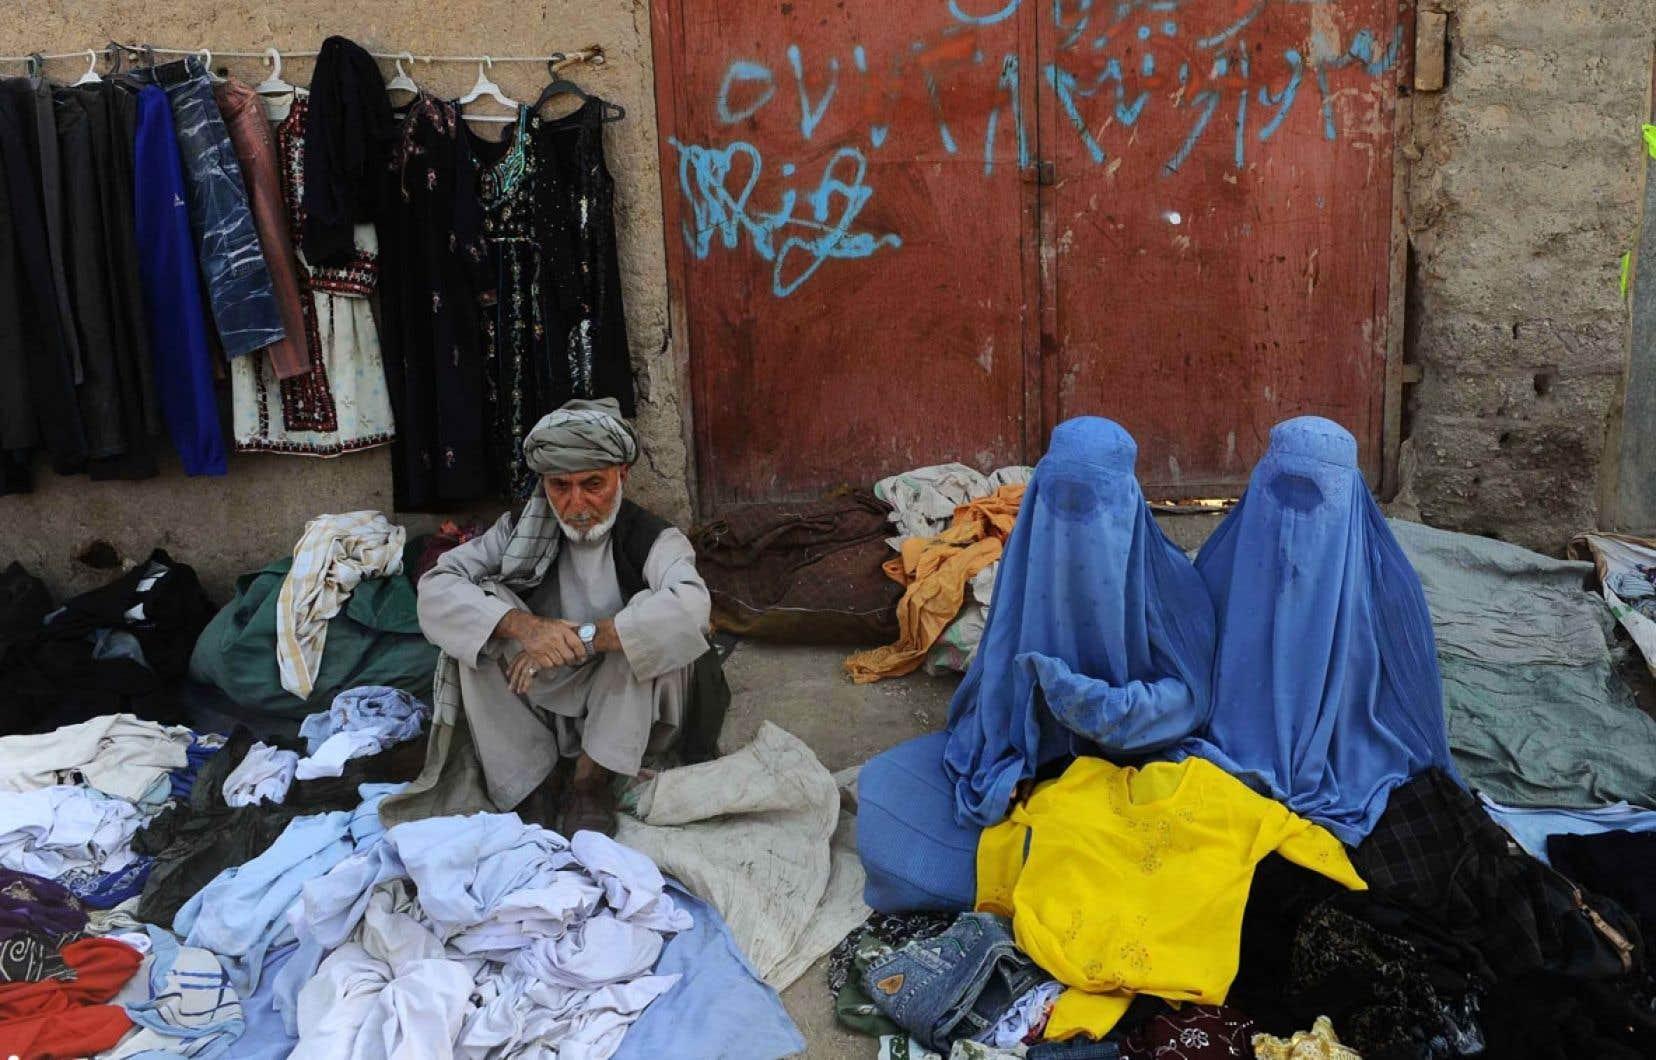 Vendeurs de vêtemens usagés dans la rue à Kaboul. L'Afghanistan figure parmi les pays où la corruption sévit le plus. Plus un pays est pauvre, plus il est exposé à la corruption, note Transparency International.